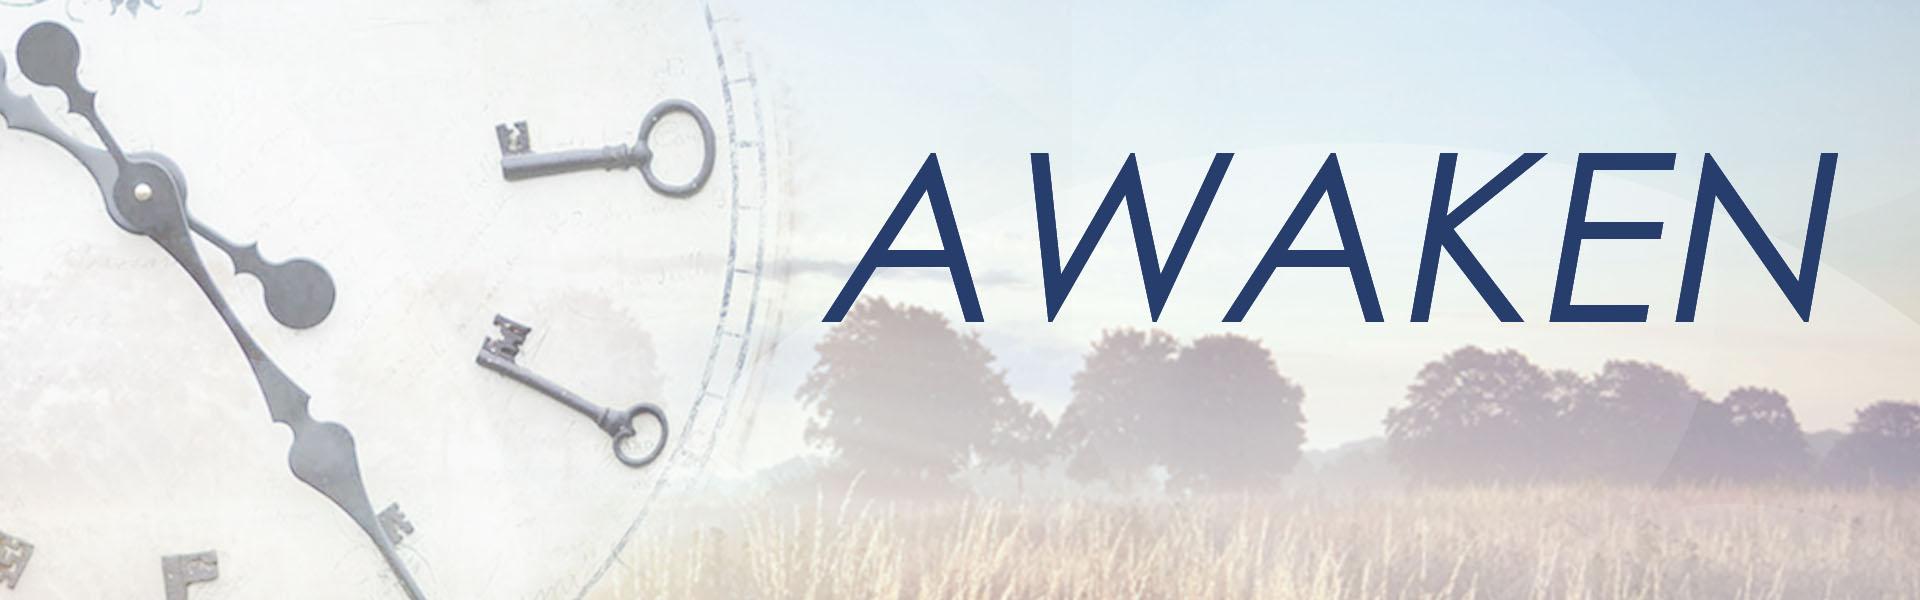 2015 Awaken Promo Logo - 1920x601